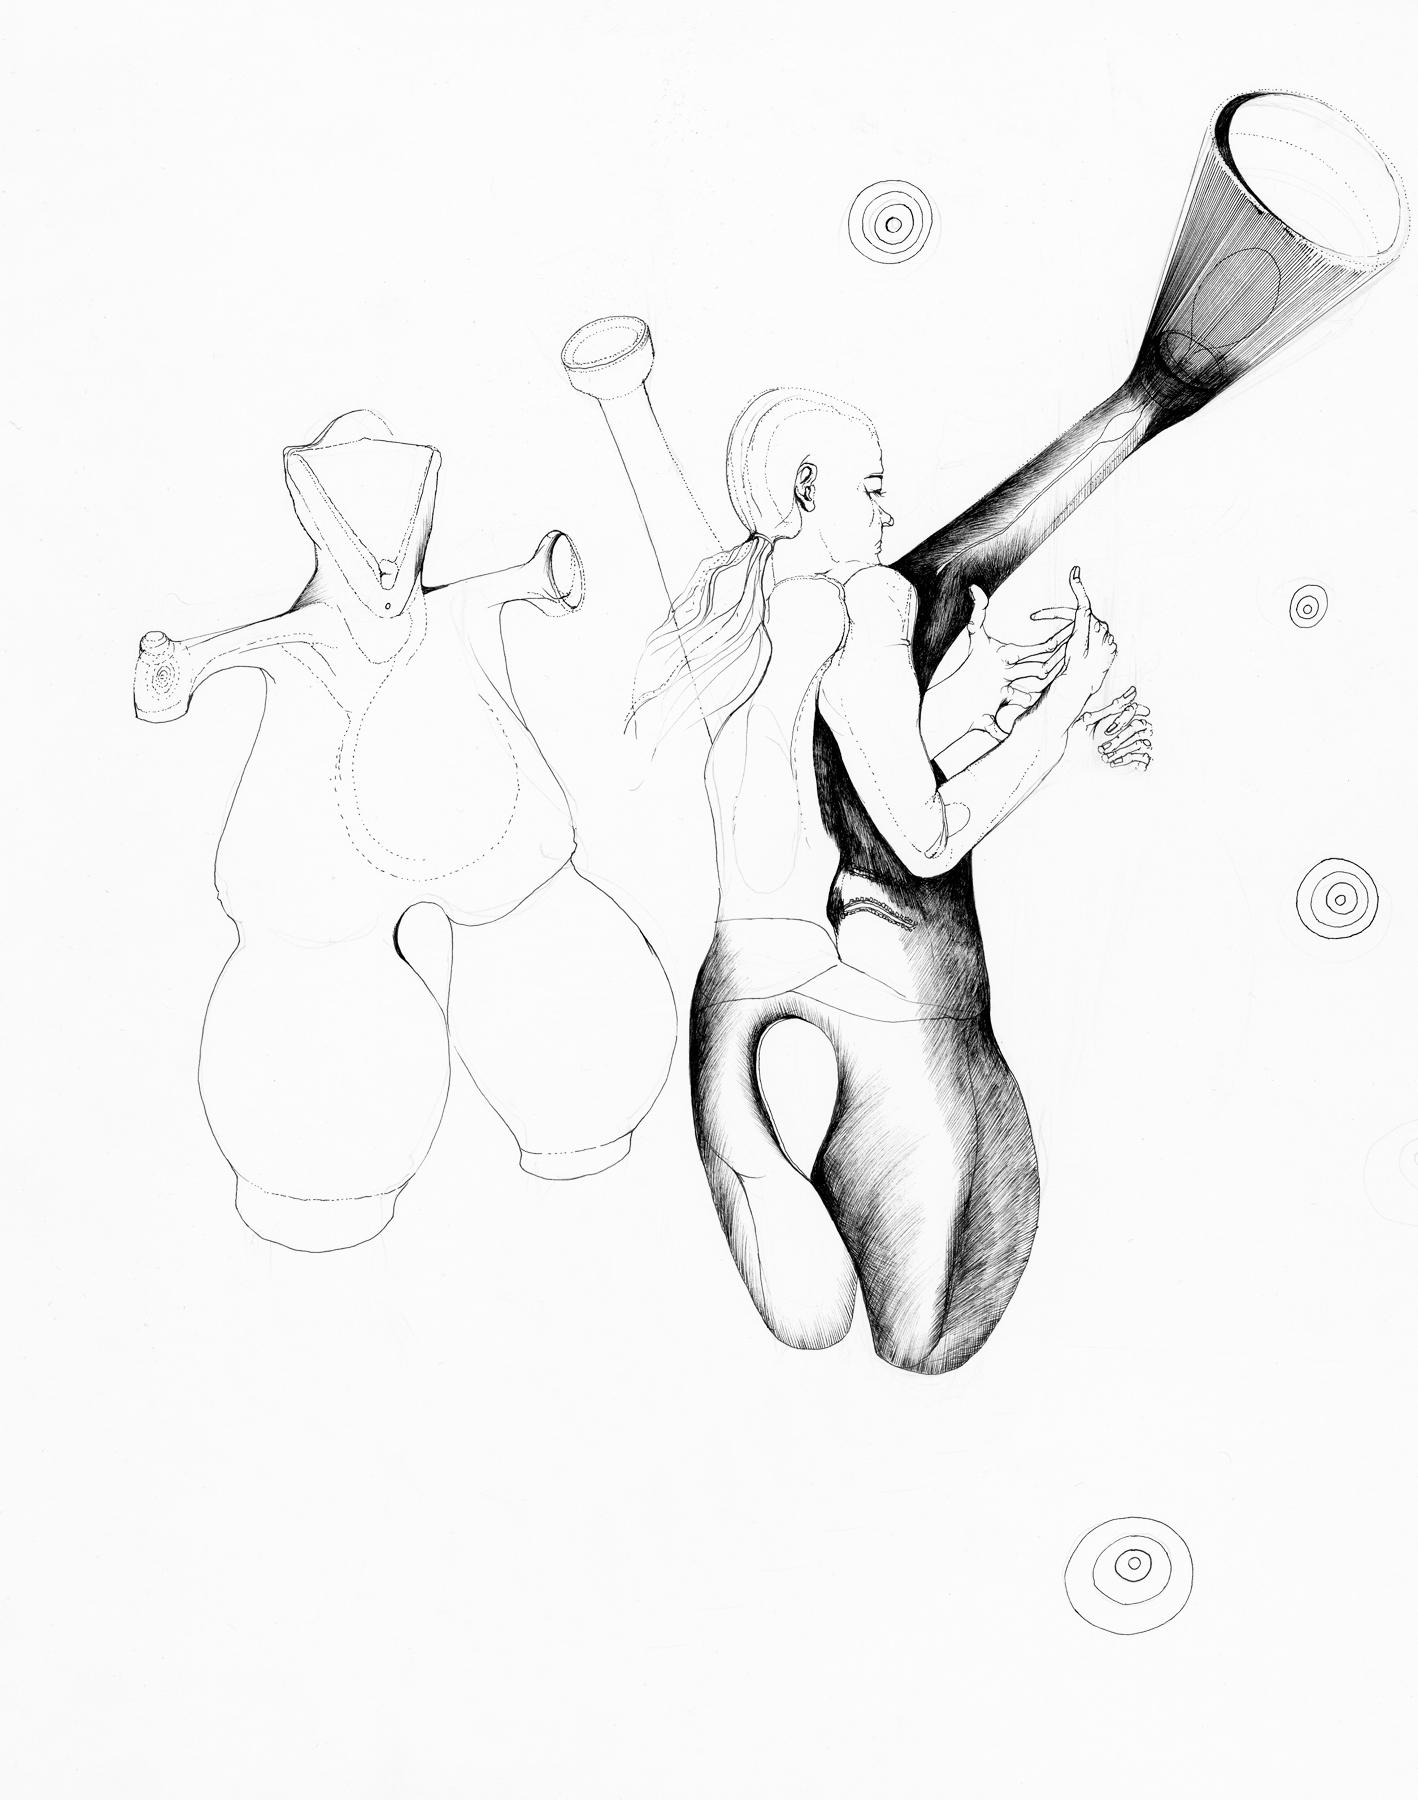 Nina Annabelle Märkl   Anwesende Geister   Tusche auf Papier   35,5 x 28 cm   2018